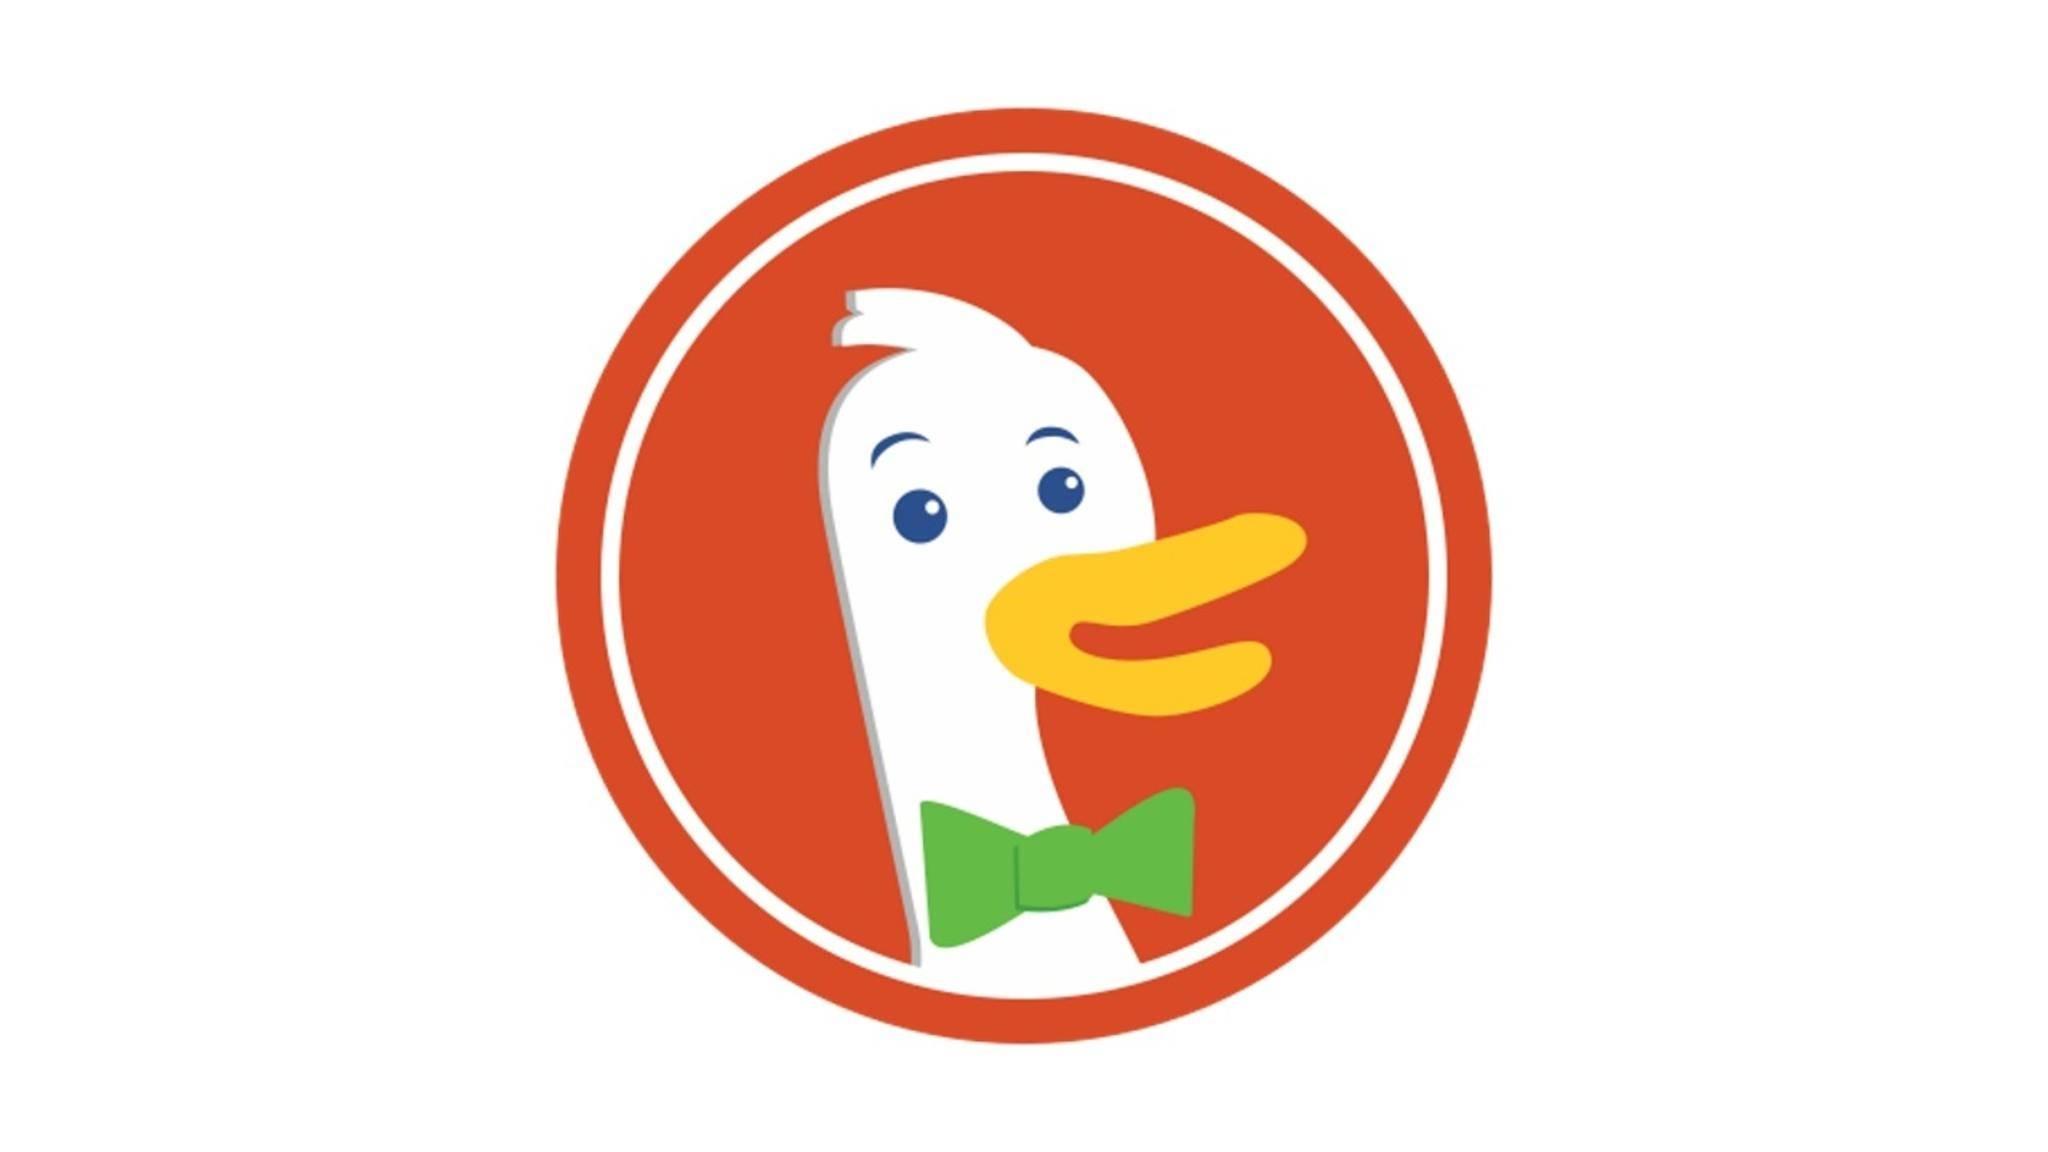 DuckDuckGo konnte nun die Domain Duck.com erwerben.